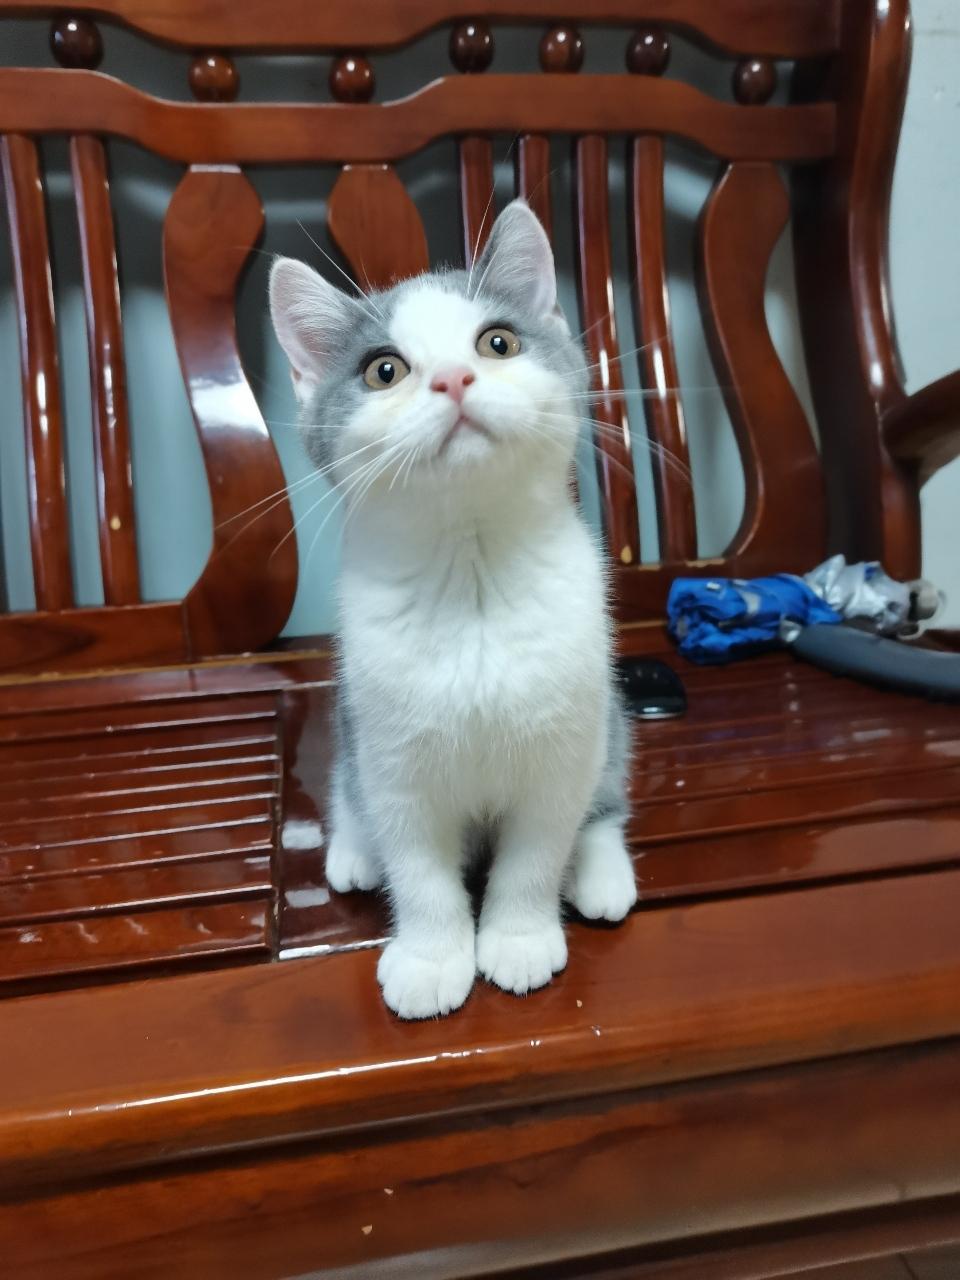 英短蓝白猫妹妹